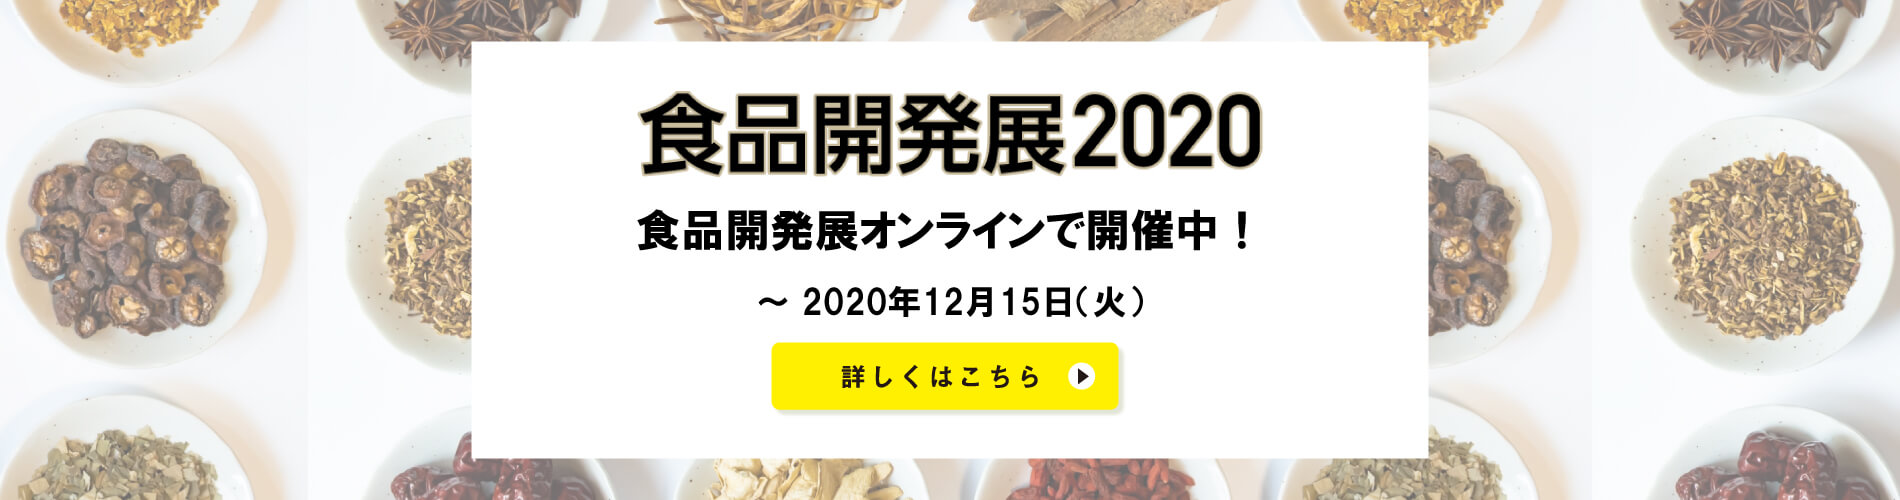 食品開発展2020参加しております